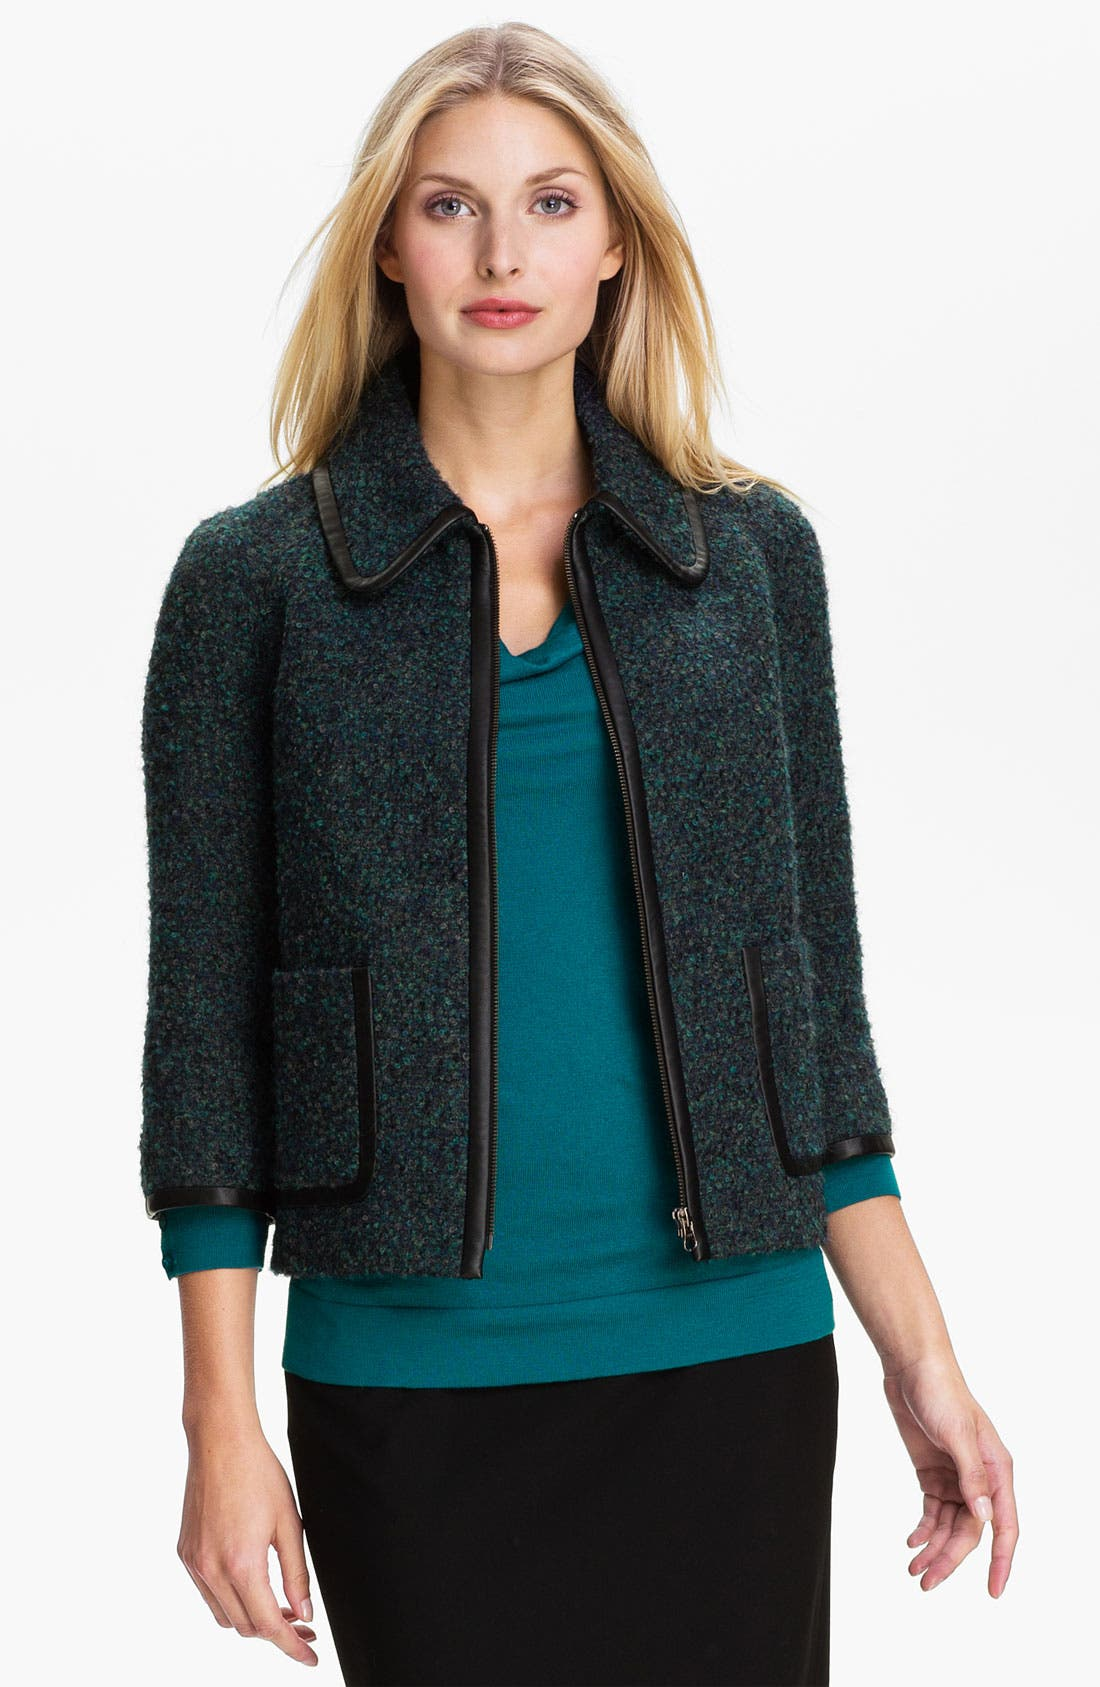 Alternate Image 1 Selected - Classiques Entier® 'Carla' Bouclé Jacket